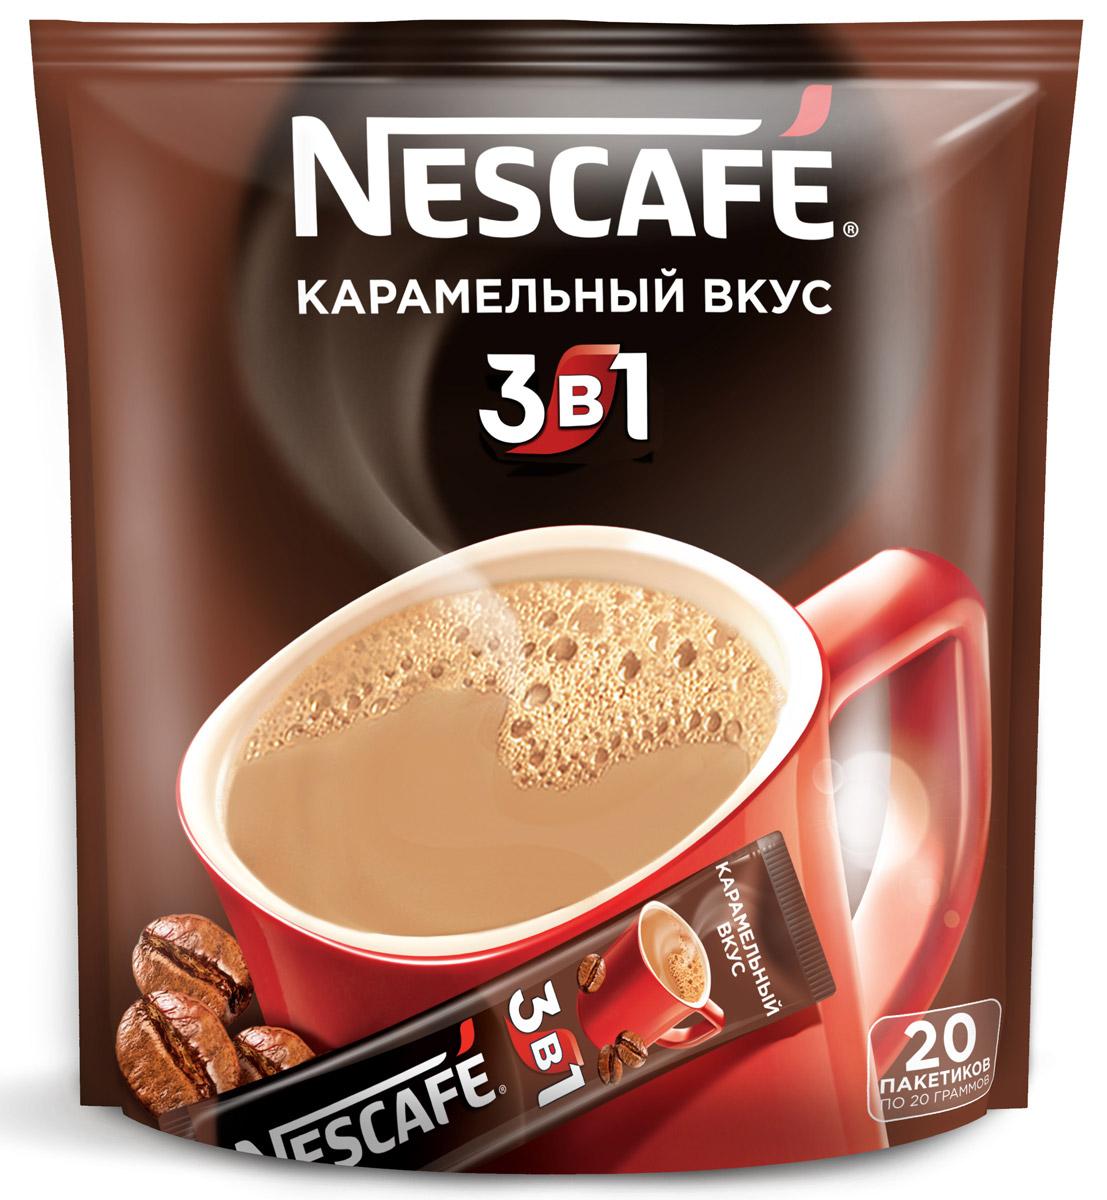 Nescafe 3 в 1 Карамель кофе растворимый, 20 шт12194055Nescafe 3 в 1 Карамель - кофейно-сливочный напиток, в состав которого входят высококачественные ингредиенты: кофе Nescafe, сахар, сливки растительного происхождения. Каждый пакетик Nescafe 3 в 1 подарит вам идеальное сочетание кофе, сливок, сахара!